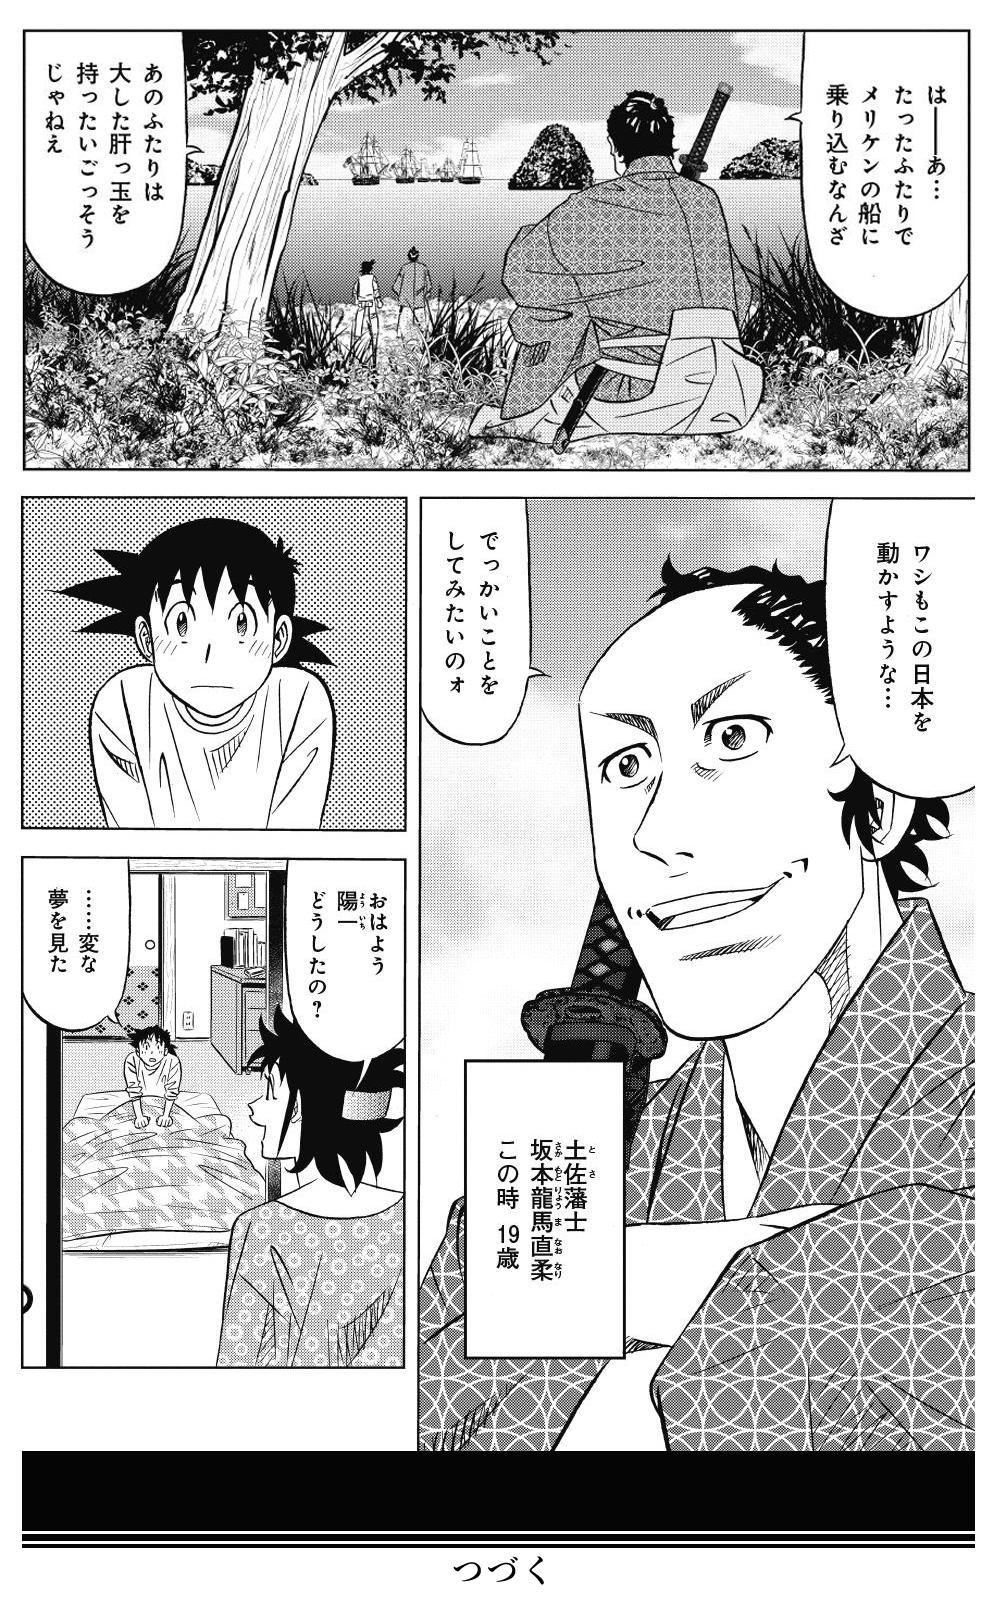 ミスター味っ子 幕末編 第1話「黒船来航」③ajikko37.jpg